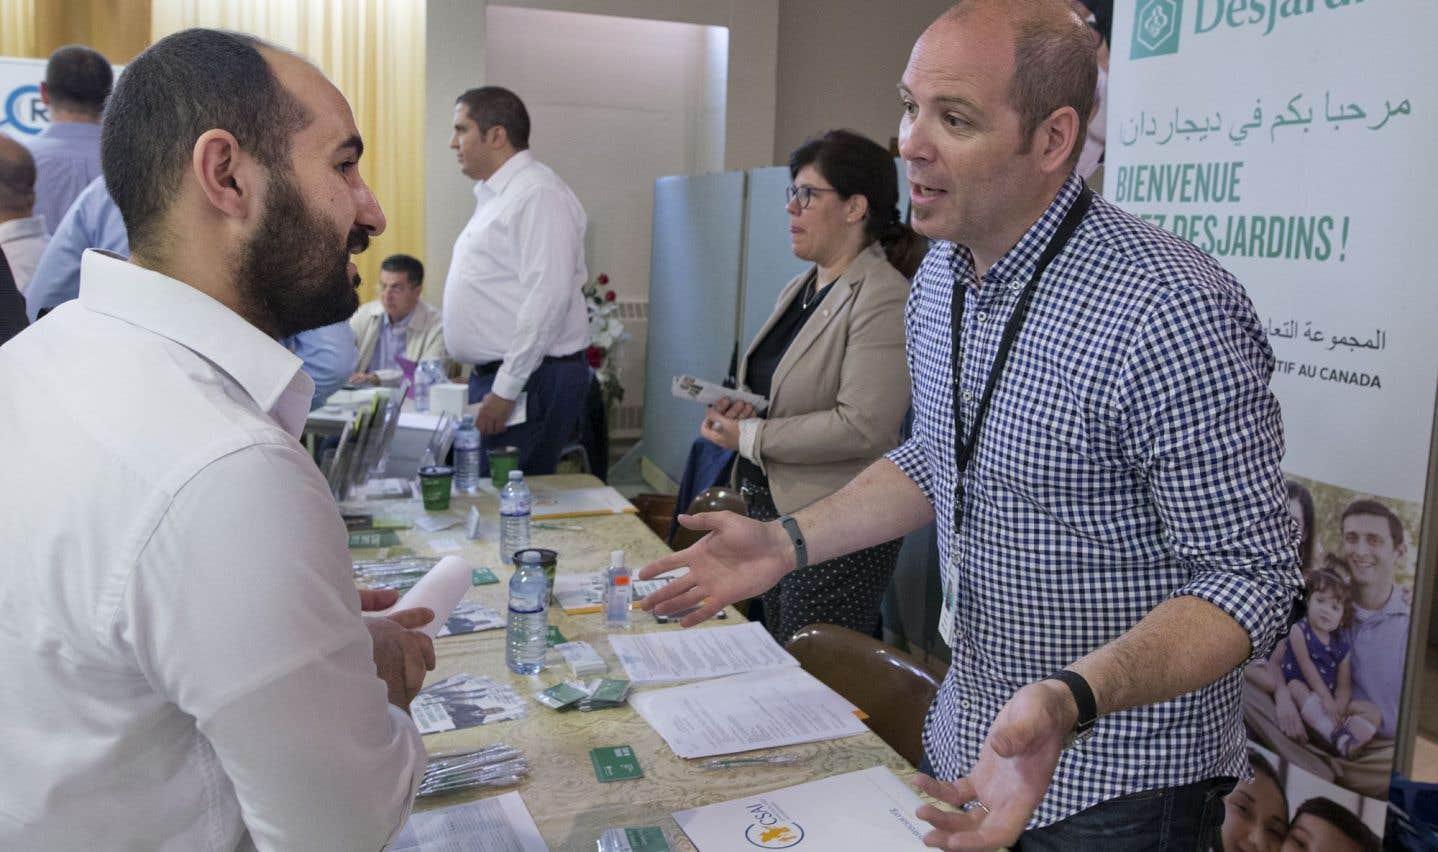 Un salon de l'emploi pour les réfugiés syriens